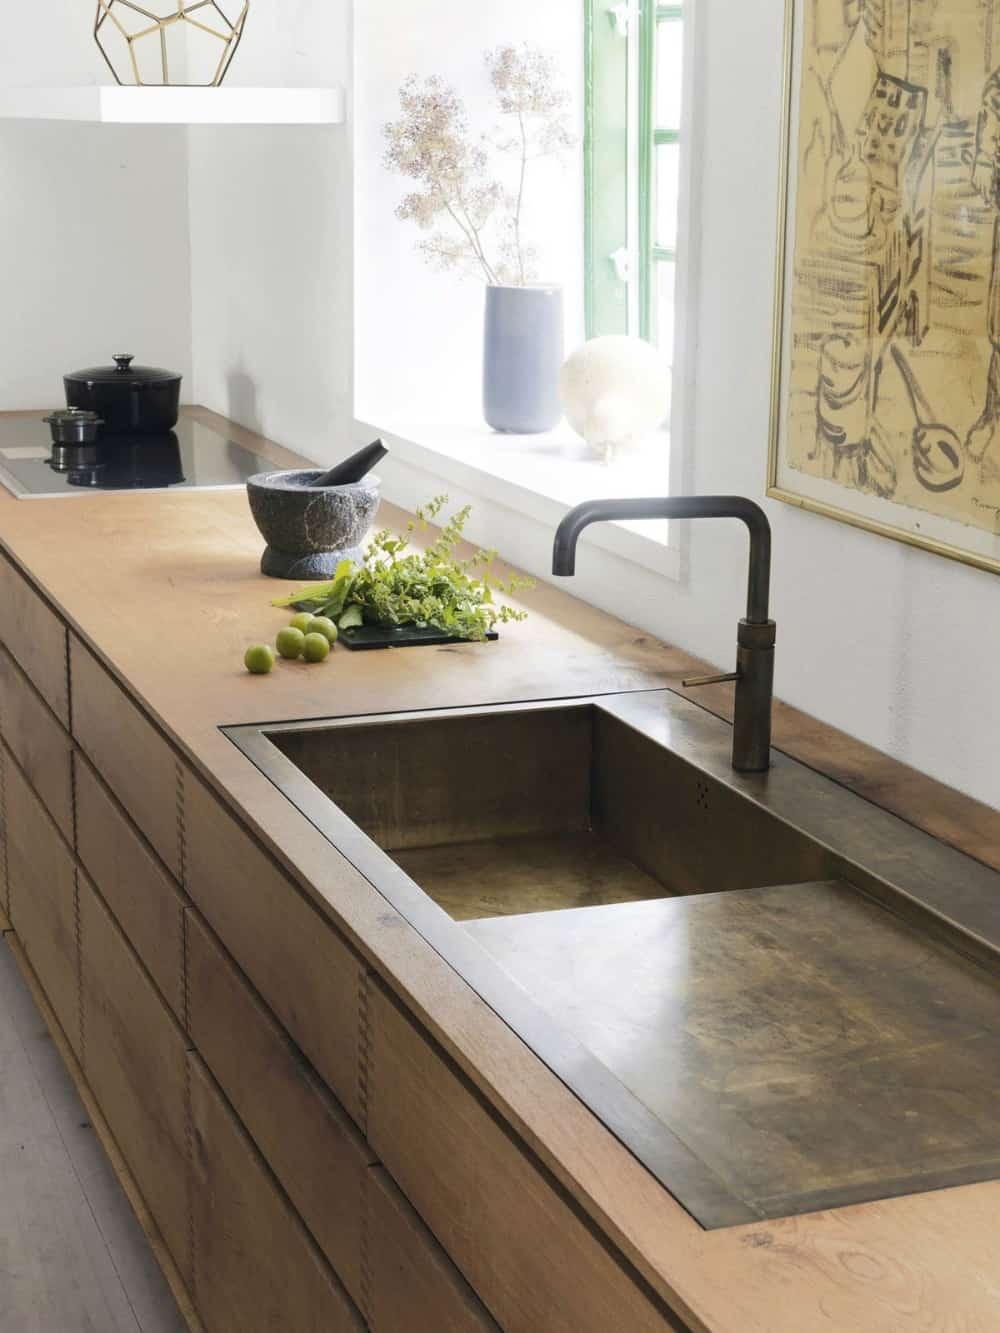 Brass sink